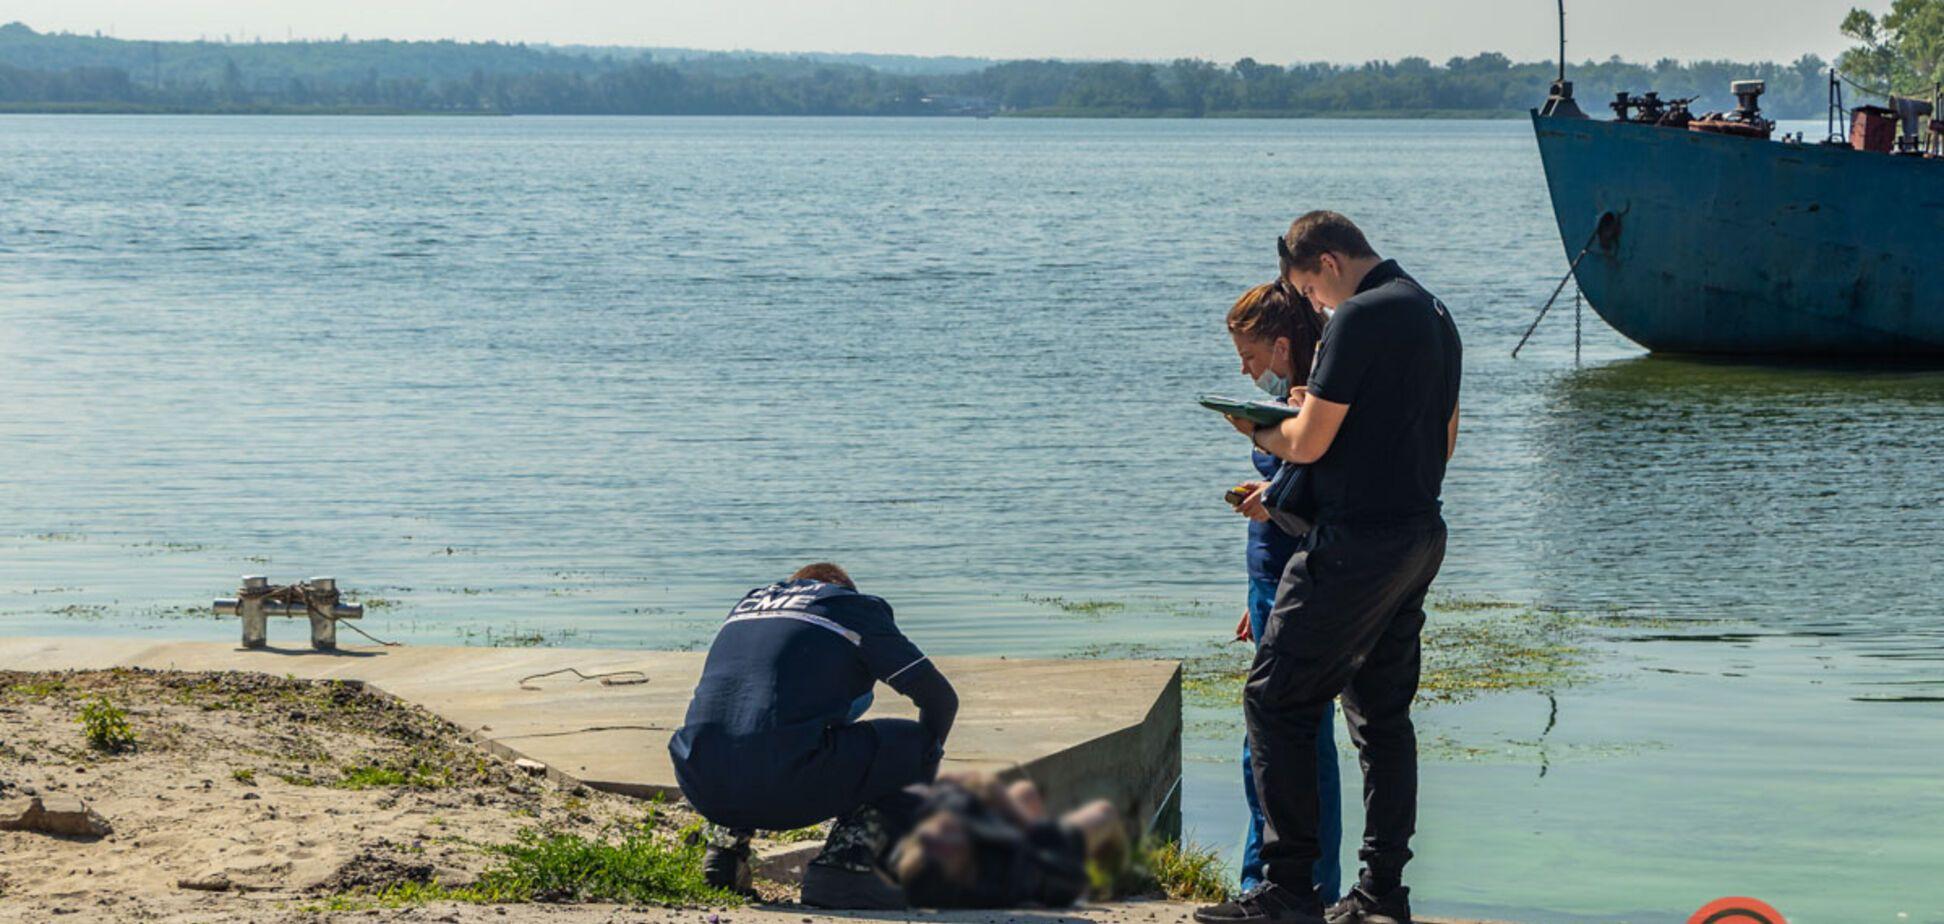 В Днепре в реке нашли утопленника. Фото 18+